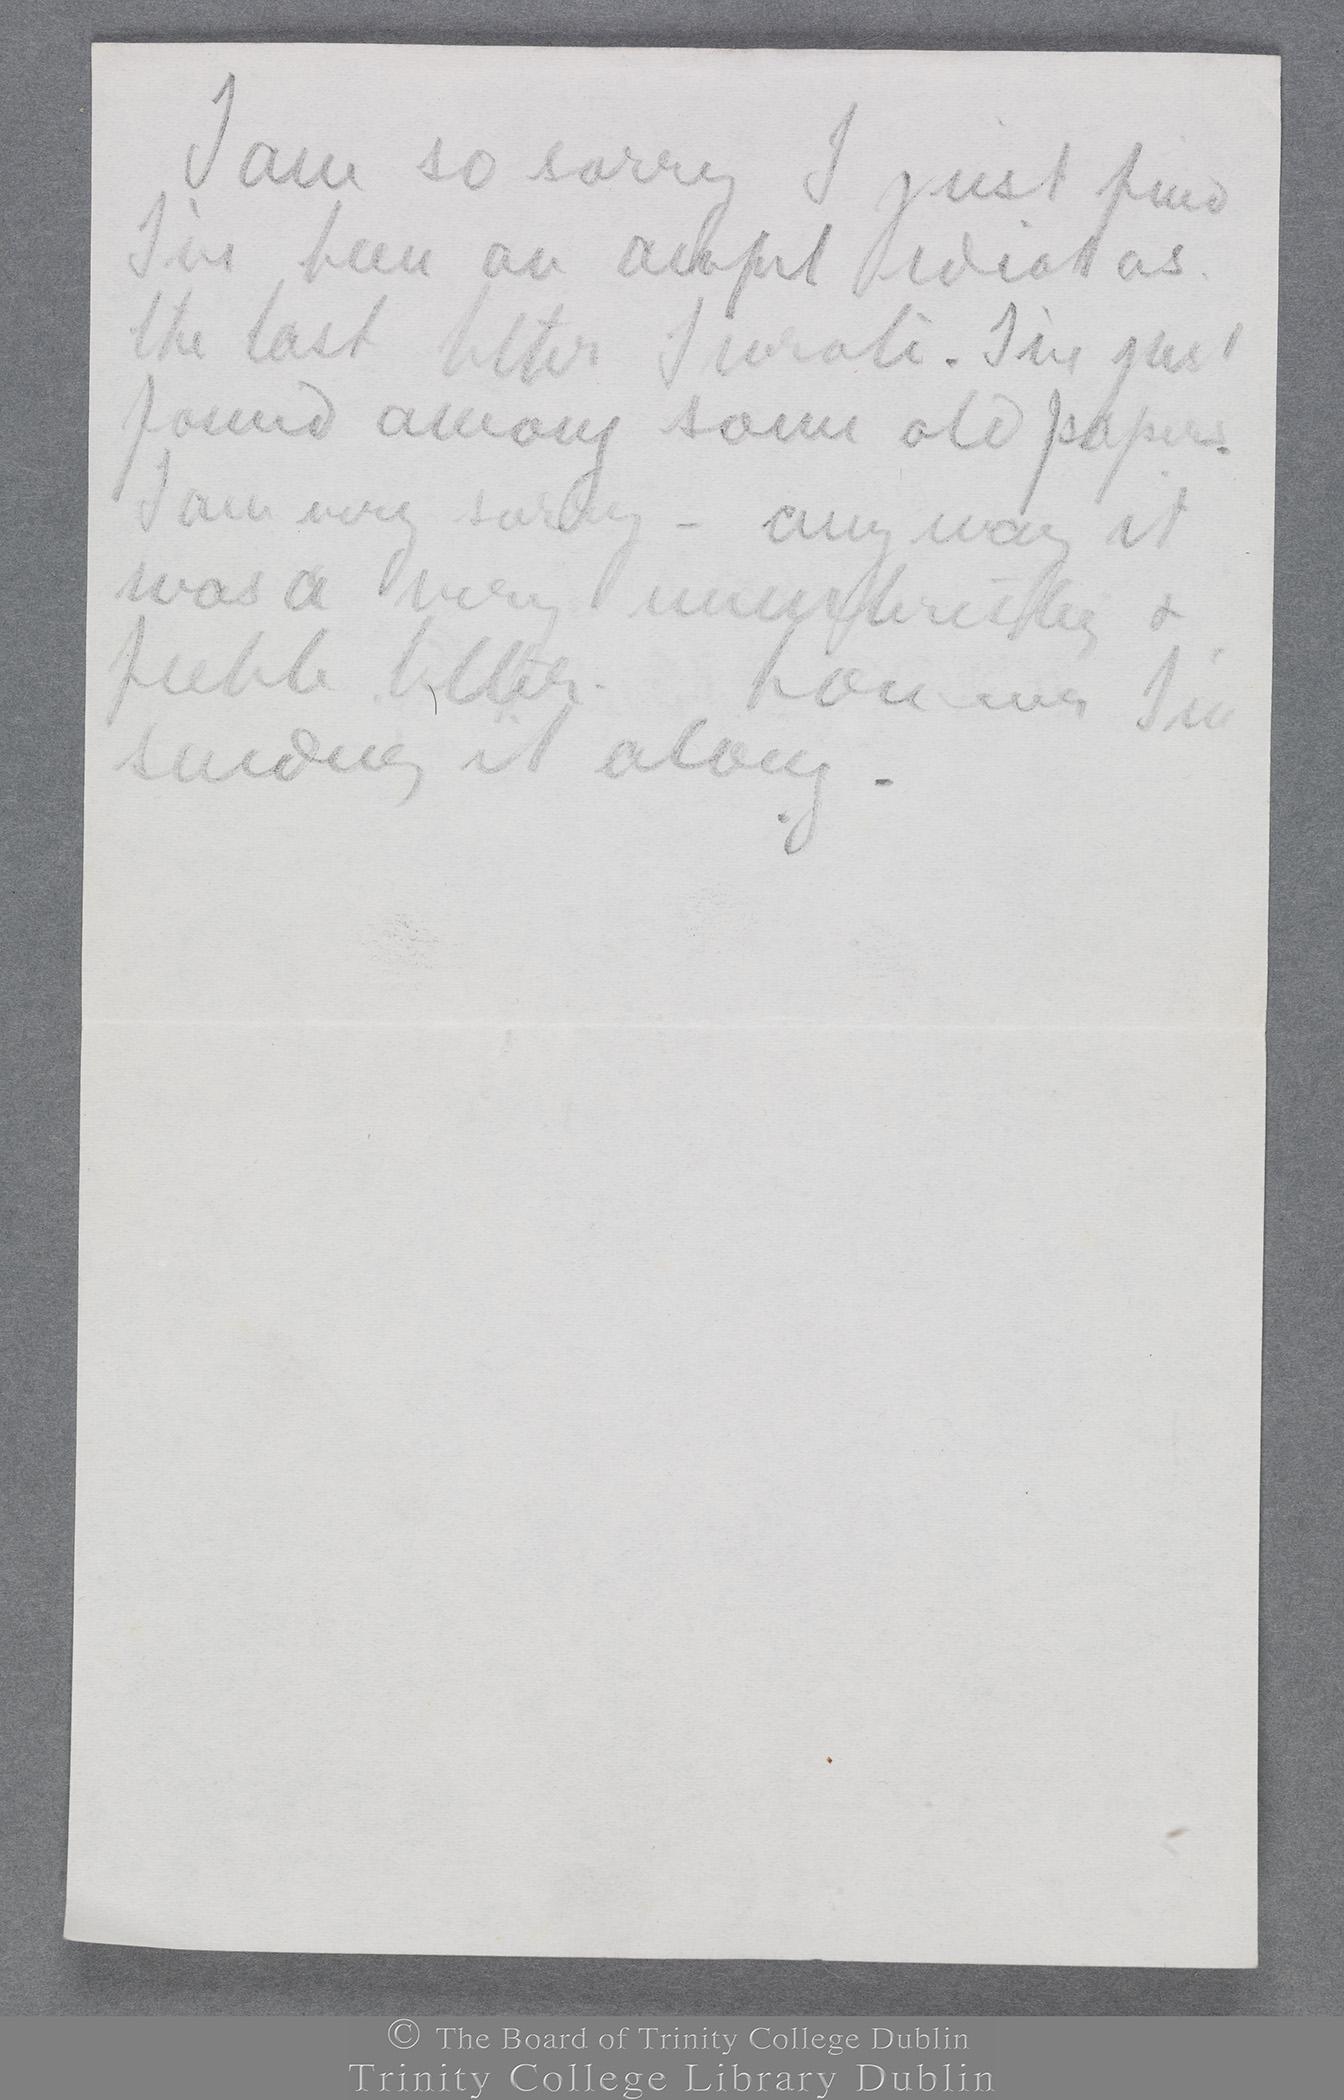 TCD MS 10247/1/826 folio 4 verso